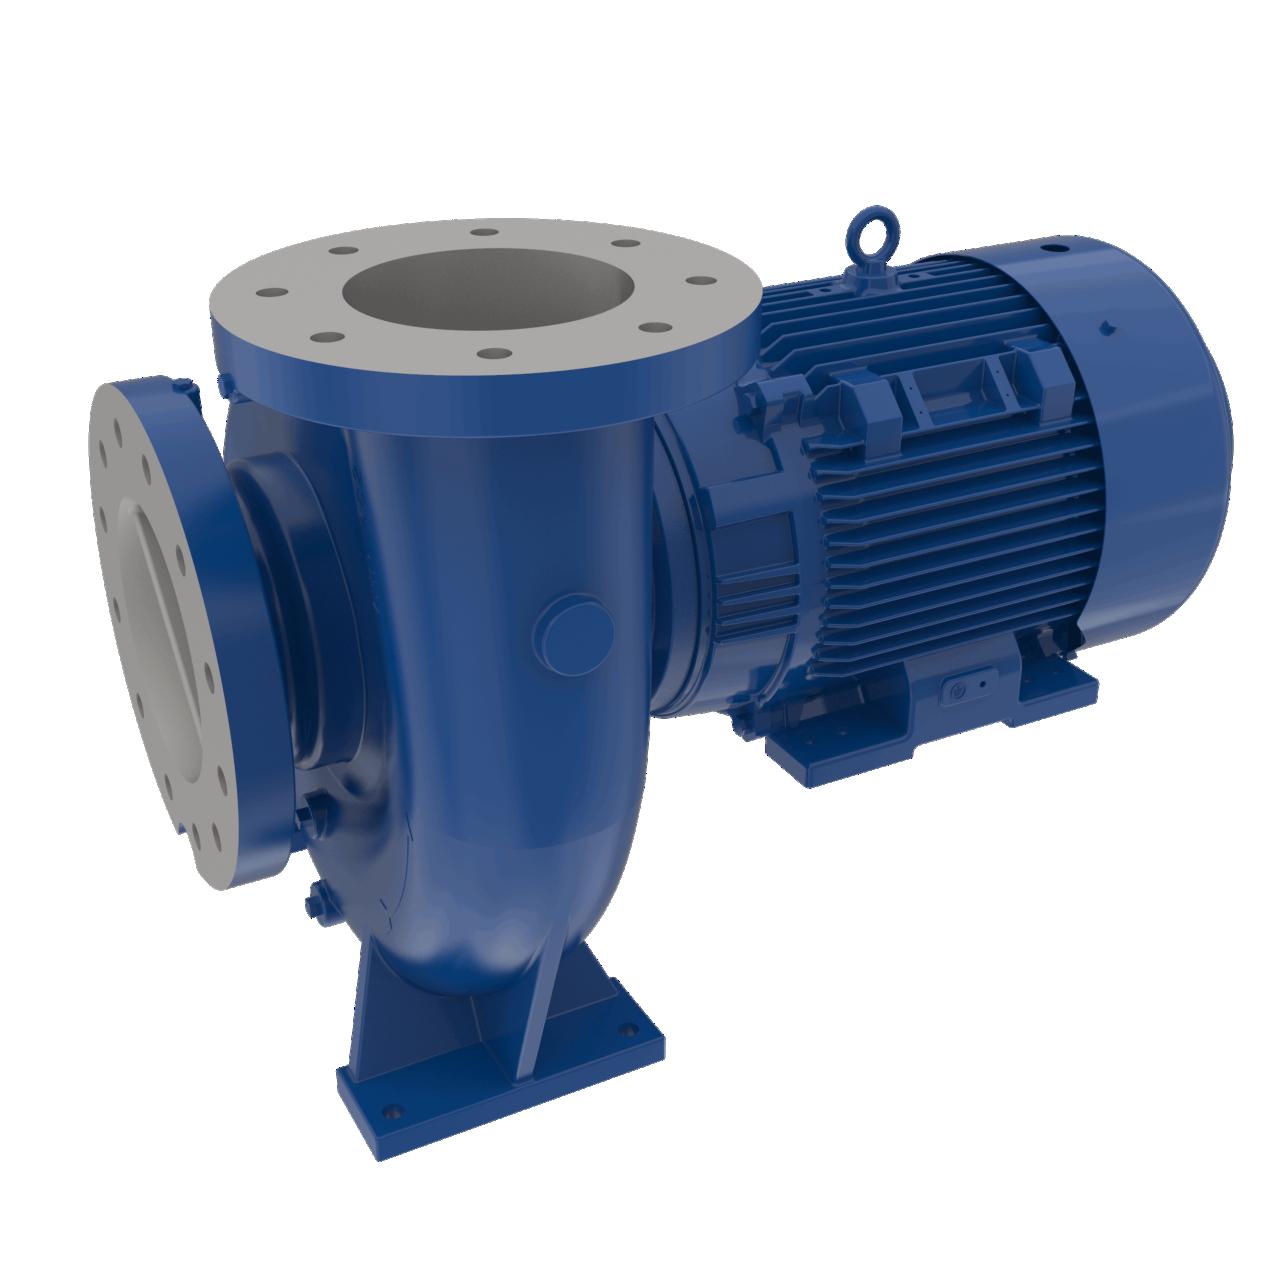 AURORA® 3801 Pump